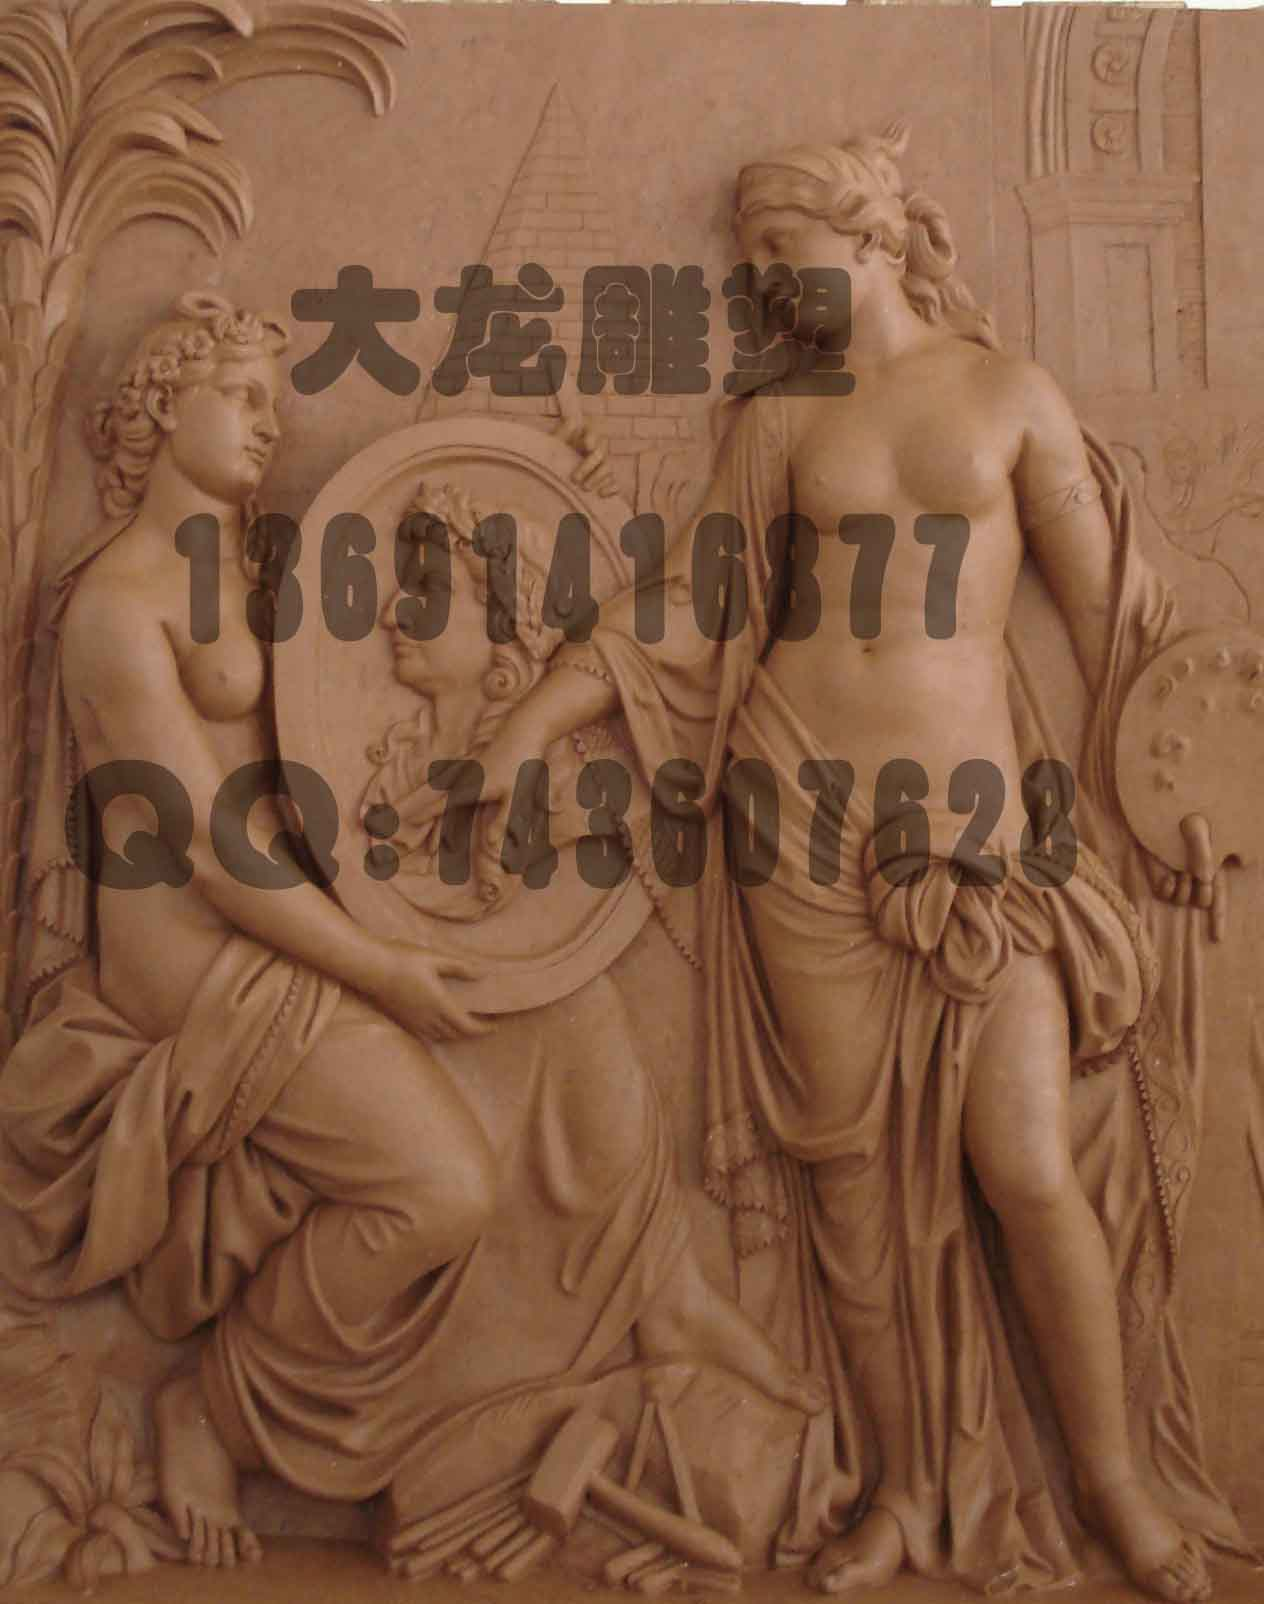 欧式浮雕别墅装饰雕塑_北京建龙鼎盛景观雕塑工程技术